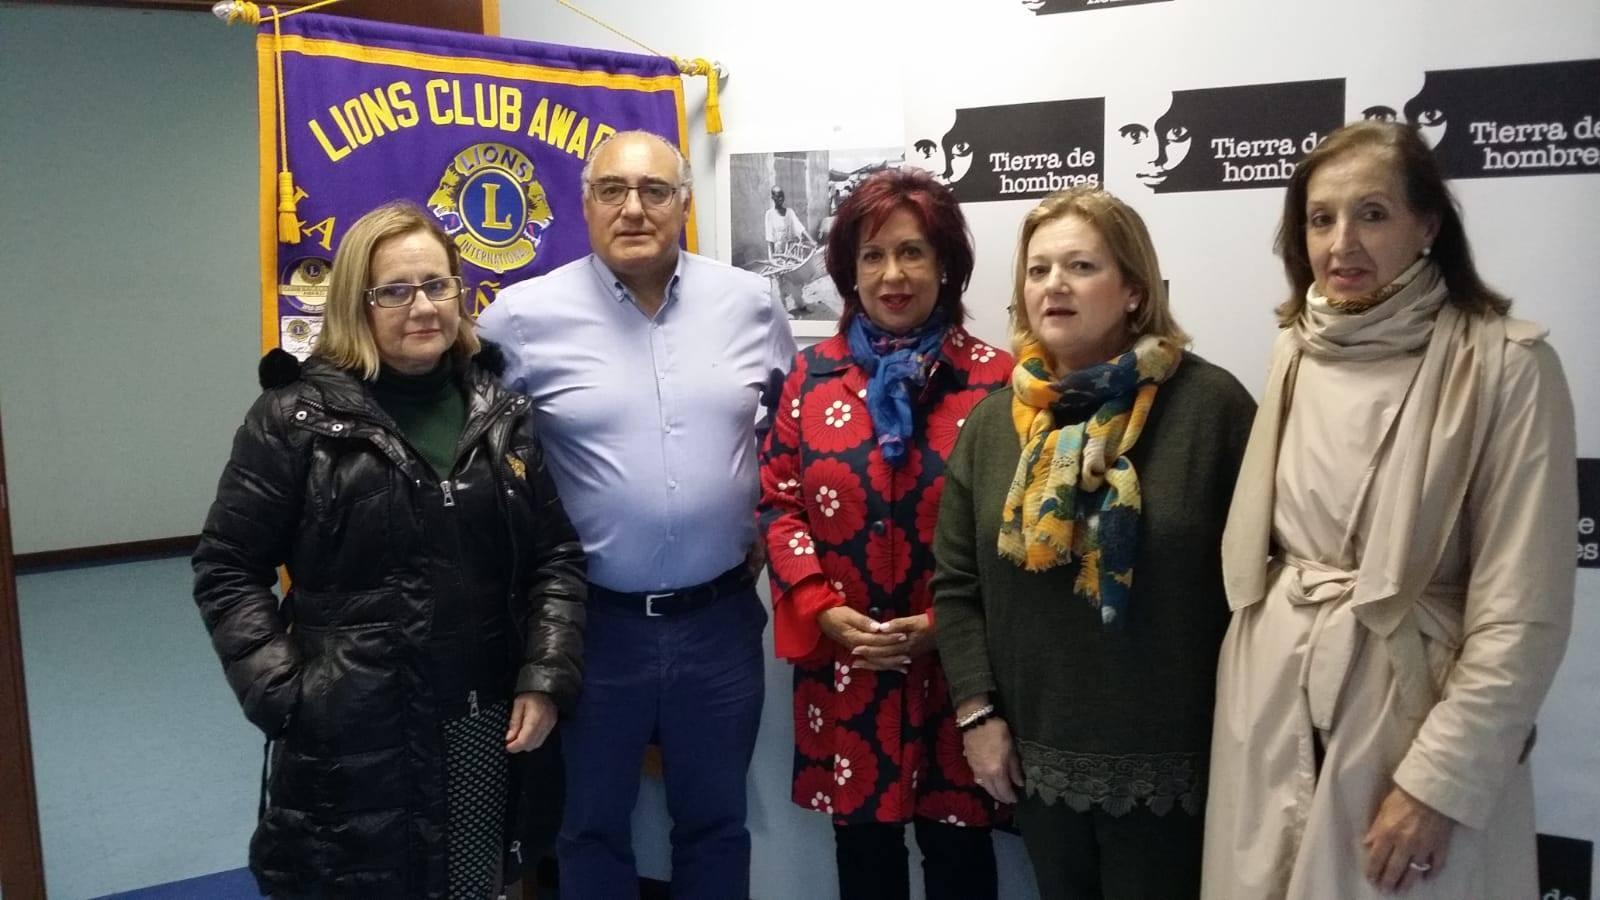 Club de Leones colabora con Tierra de hombres